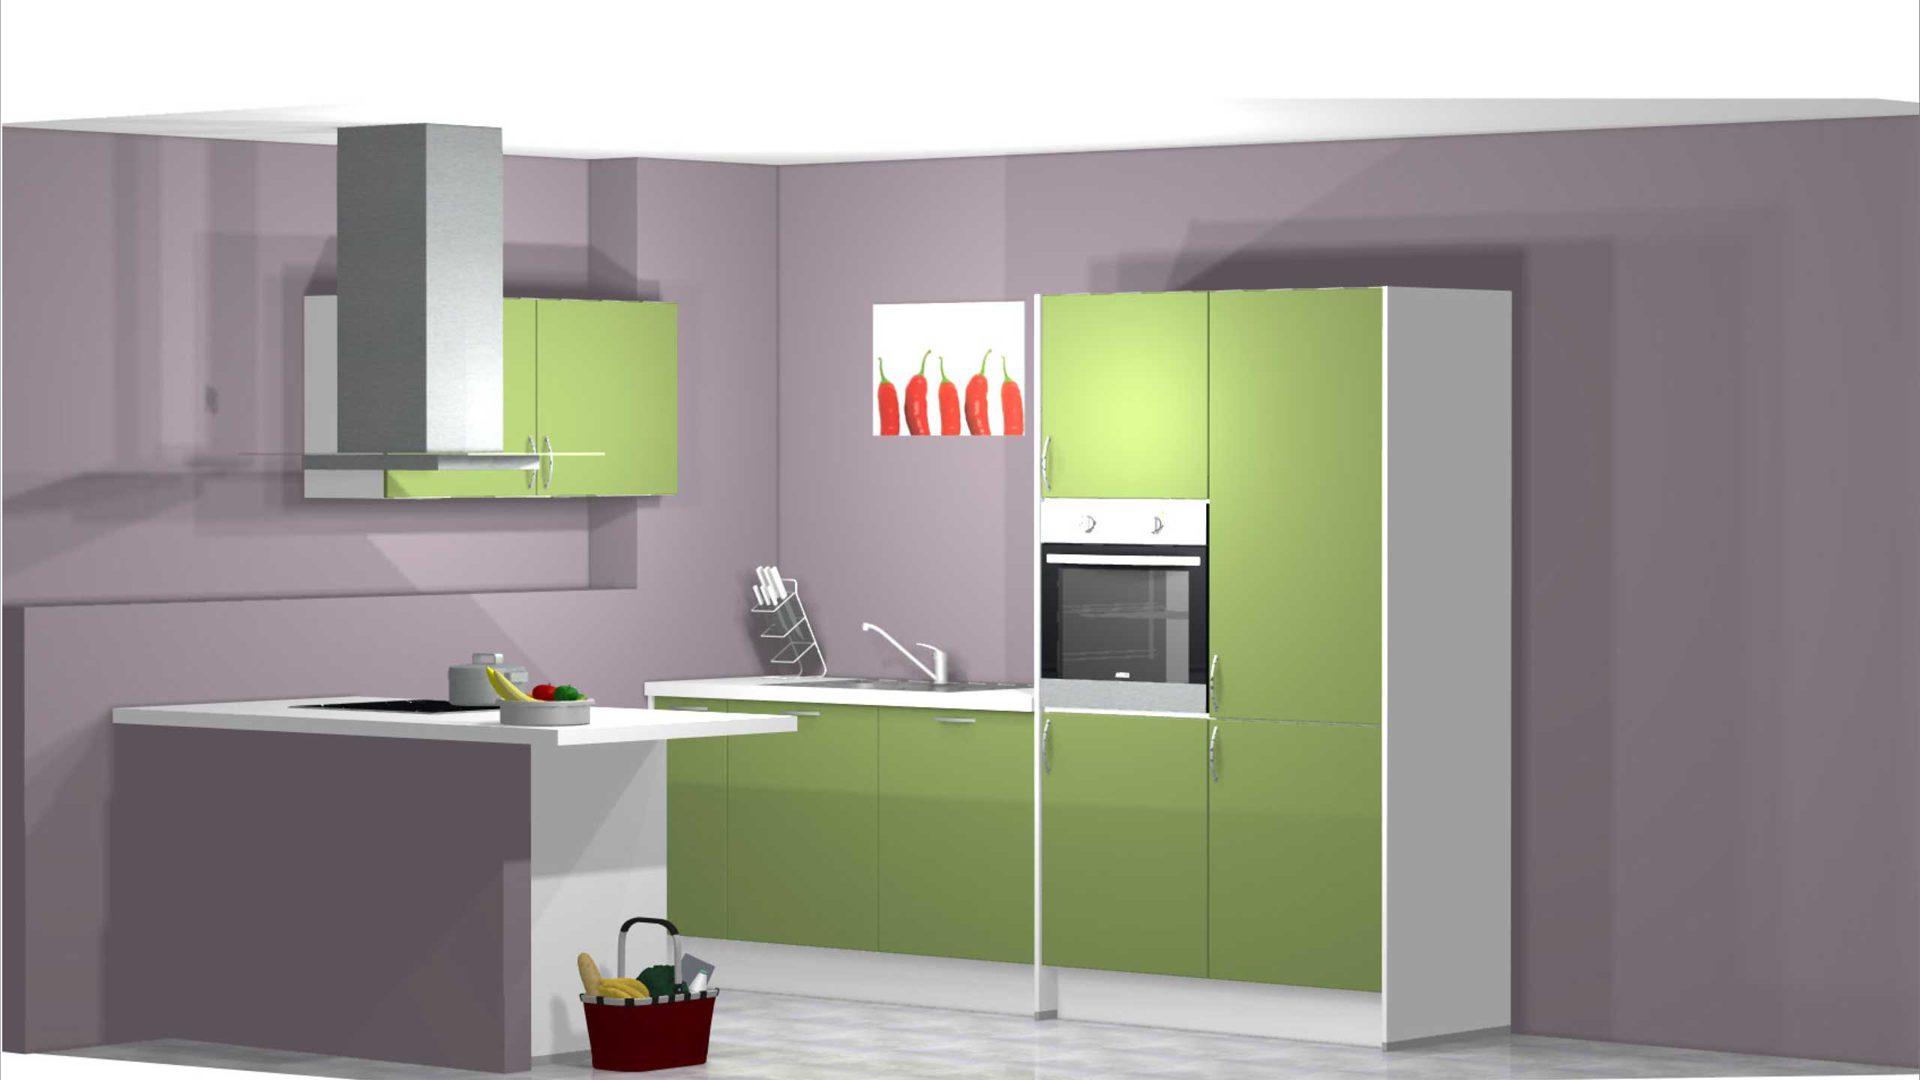 Moderne Offene Küche Zum Kleinen Preis Einbauküche Küche Pn 80 Inkl